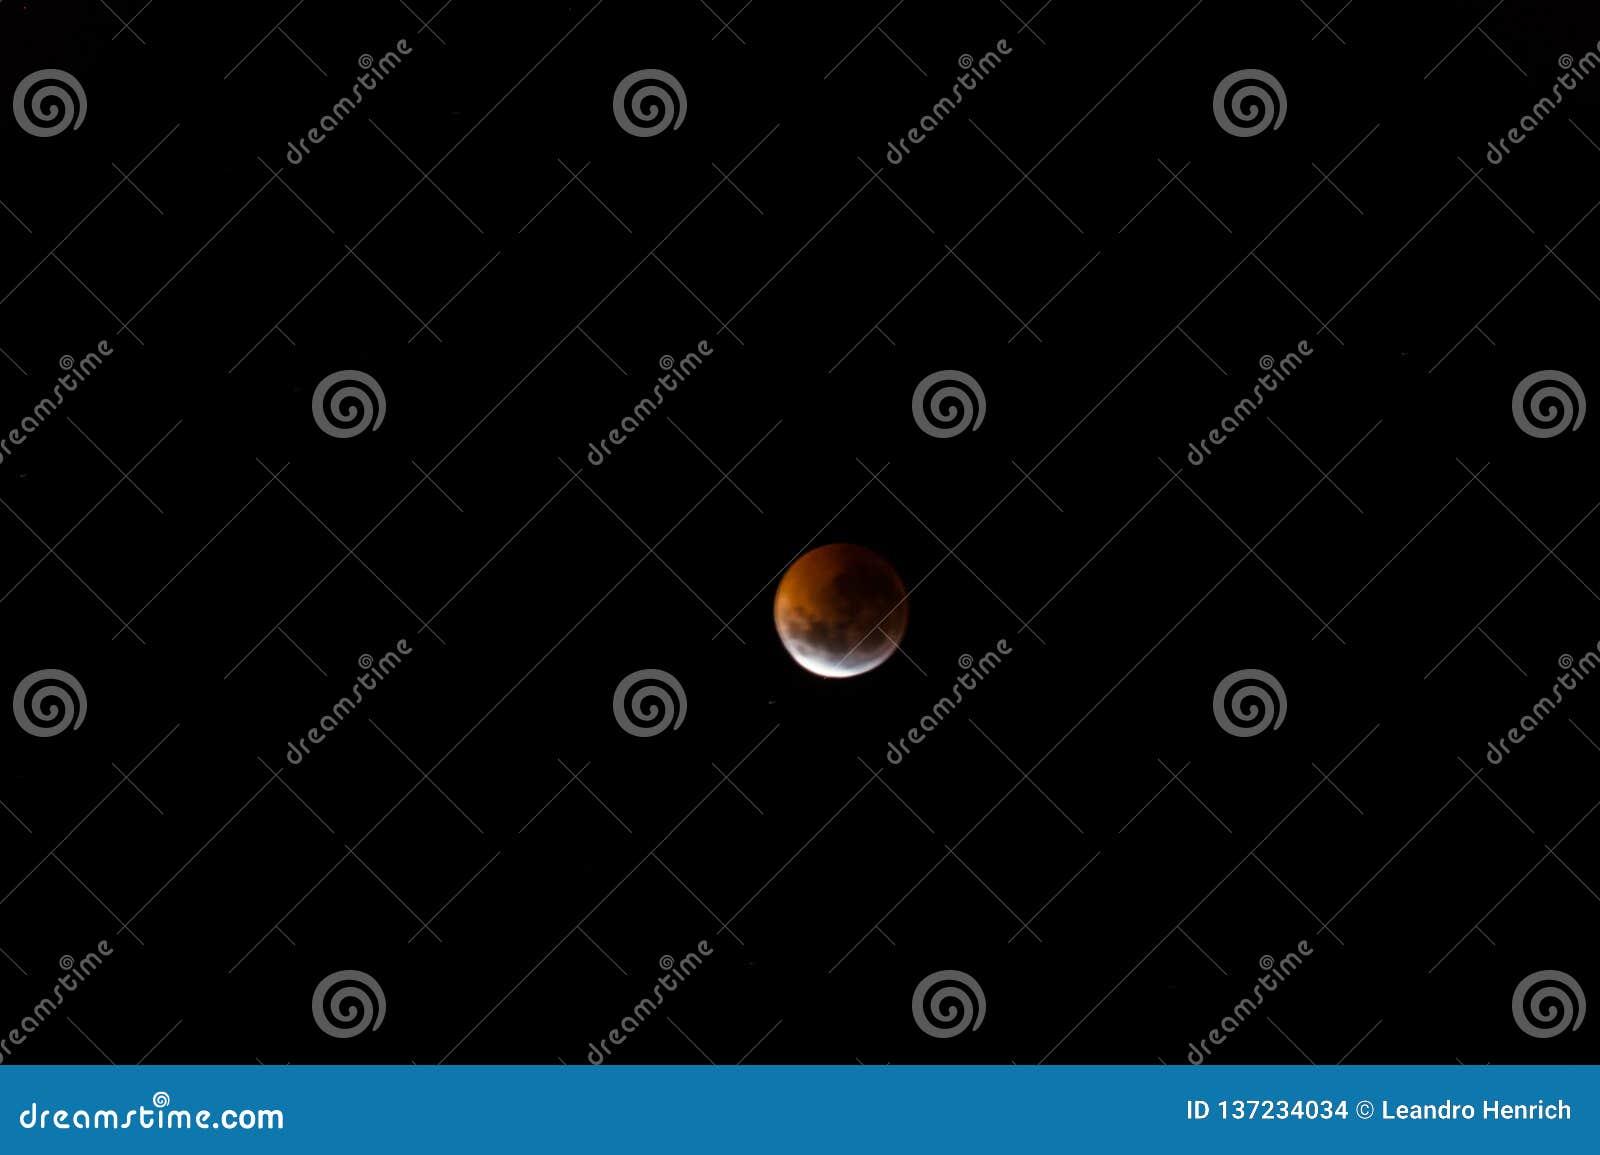 Blodig måne: Den sammanlagda månförmörkelsen av 2019